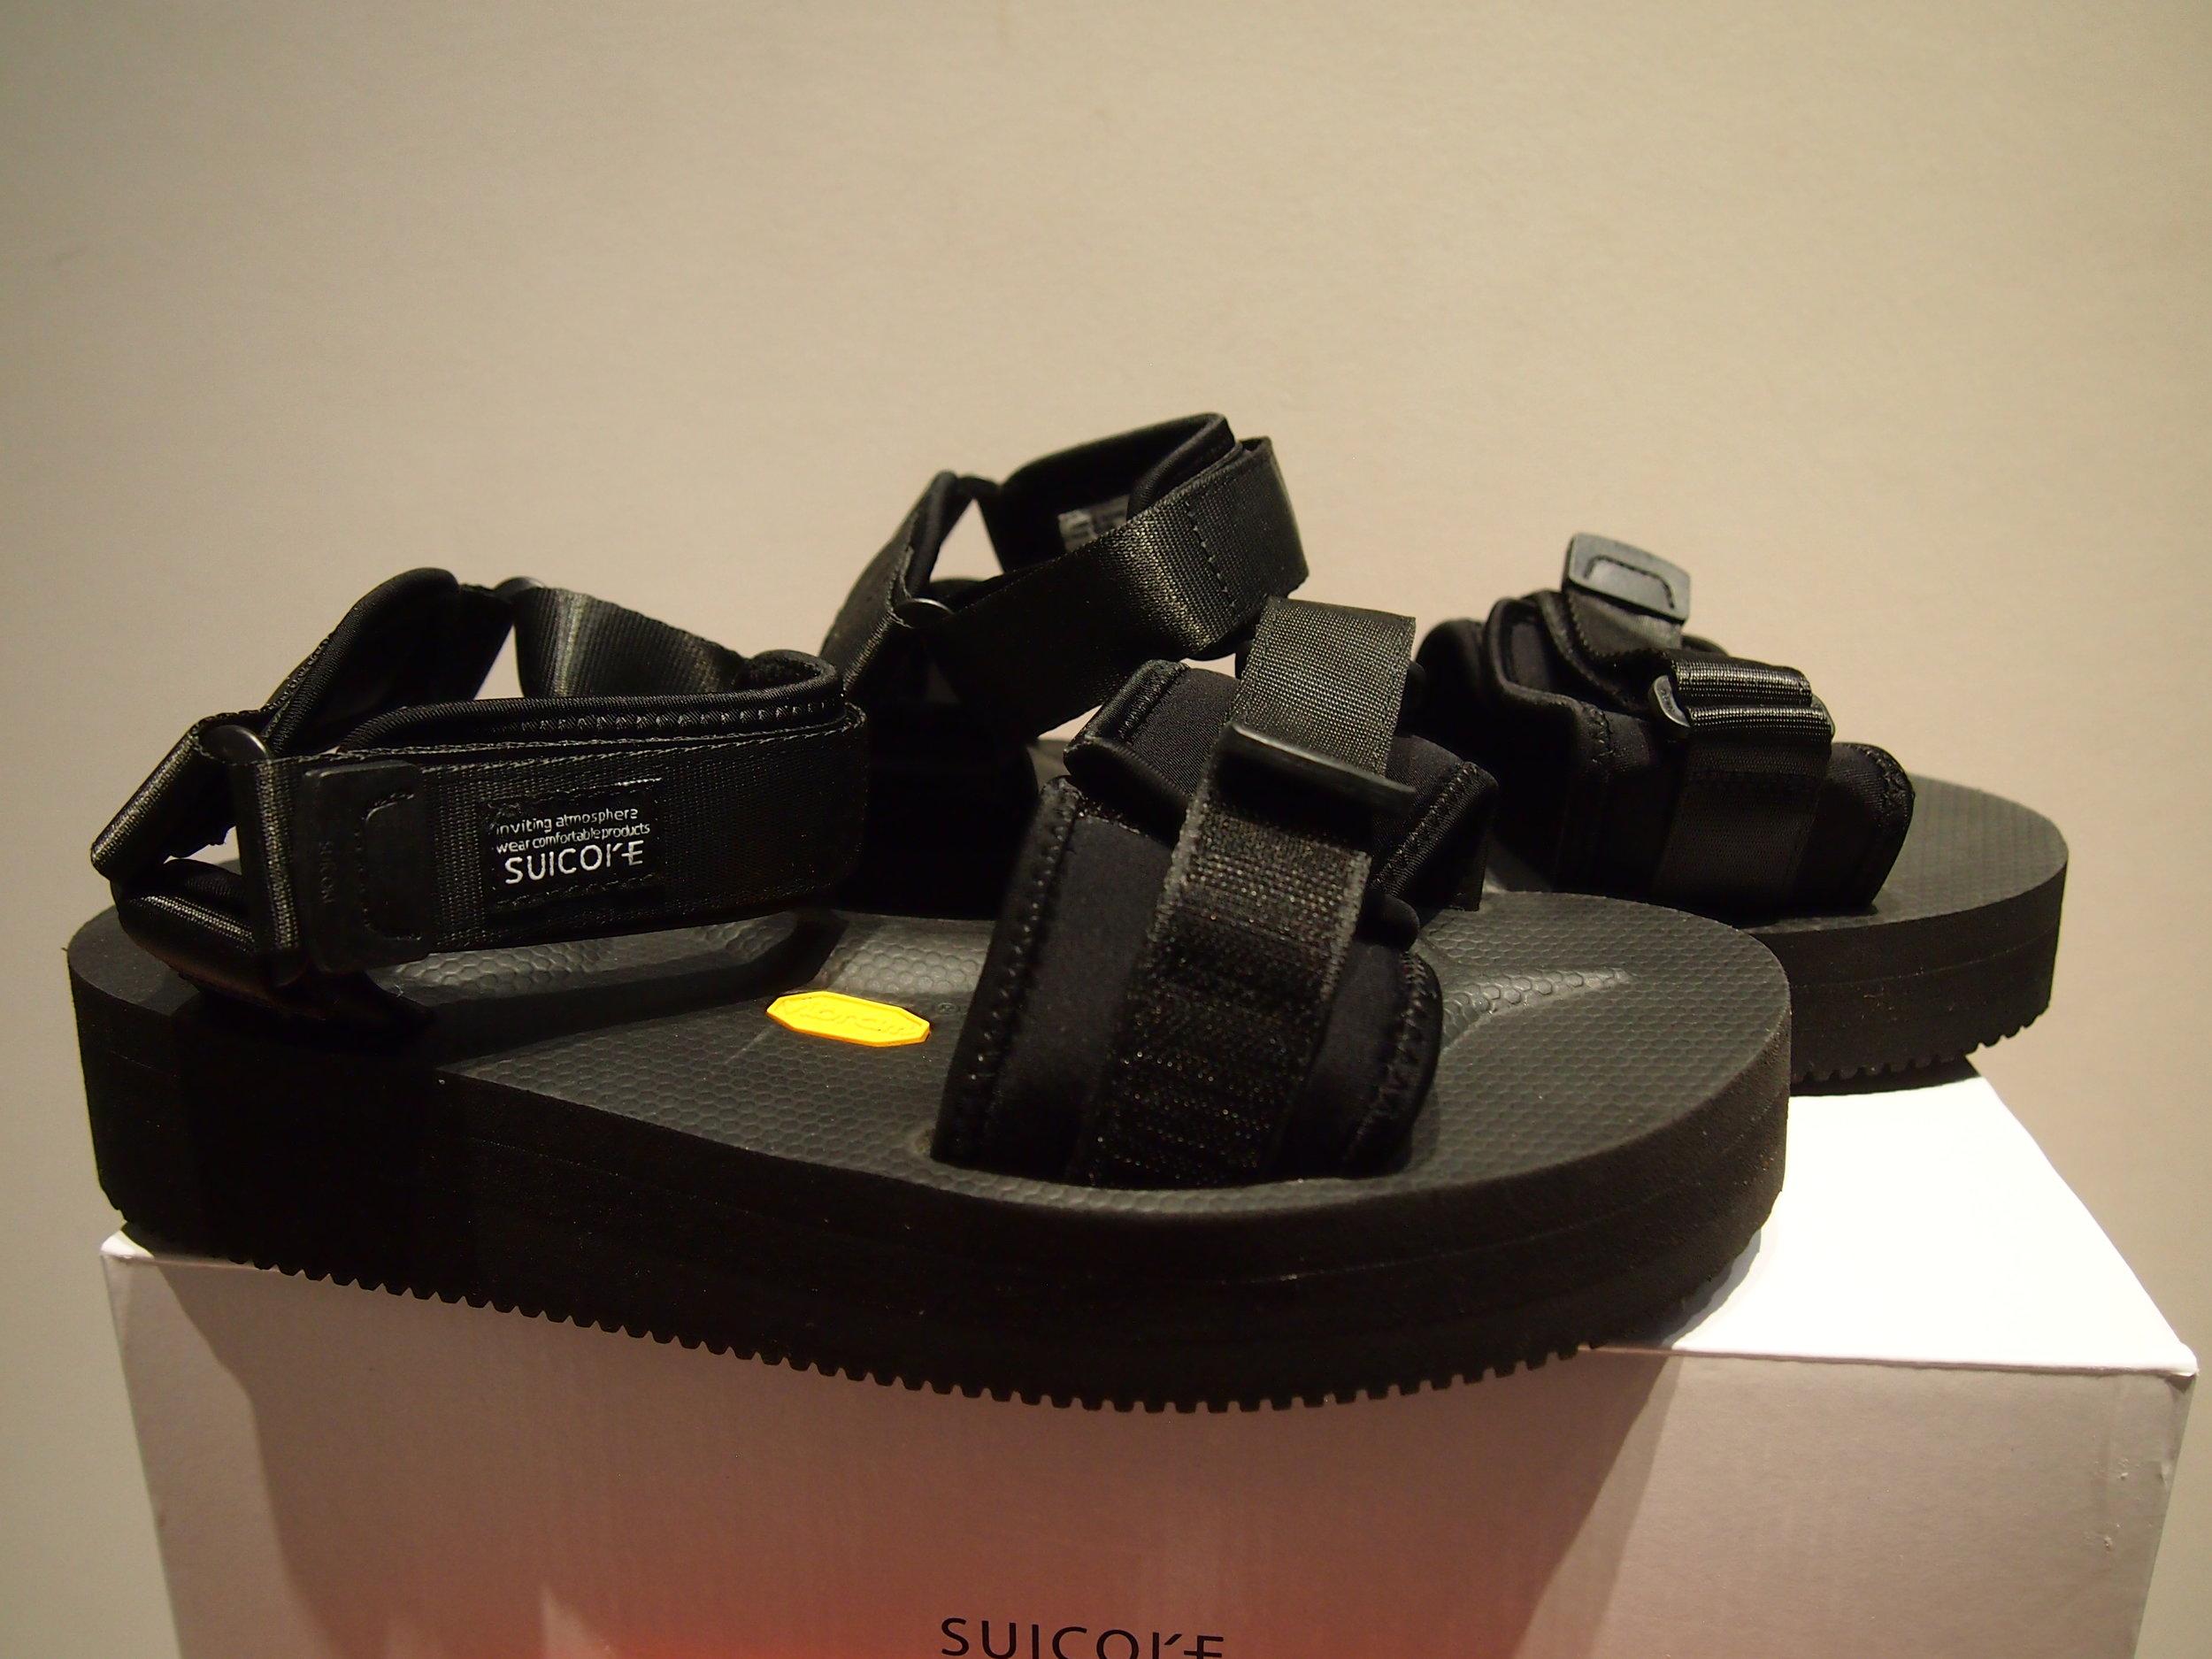 8640031ba69c Suicoke CEL-VPO Two Strap Sandal — global atomic designs inc